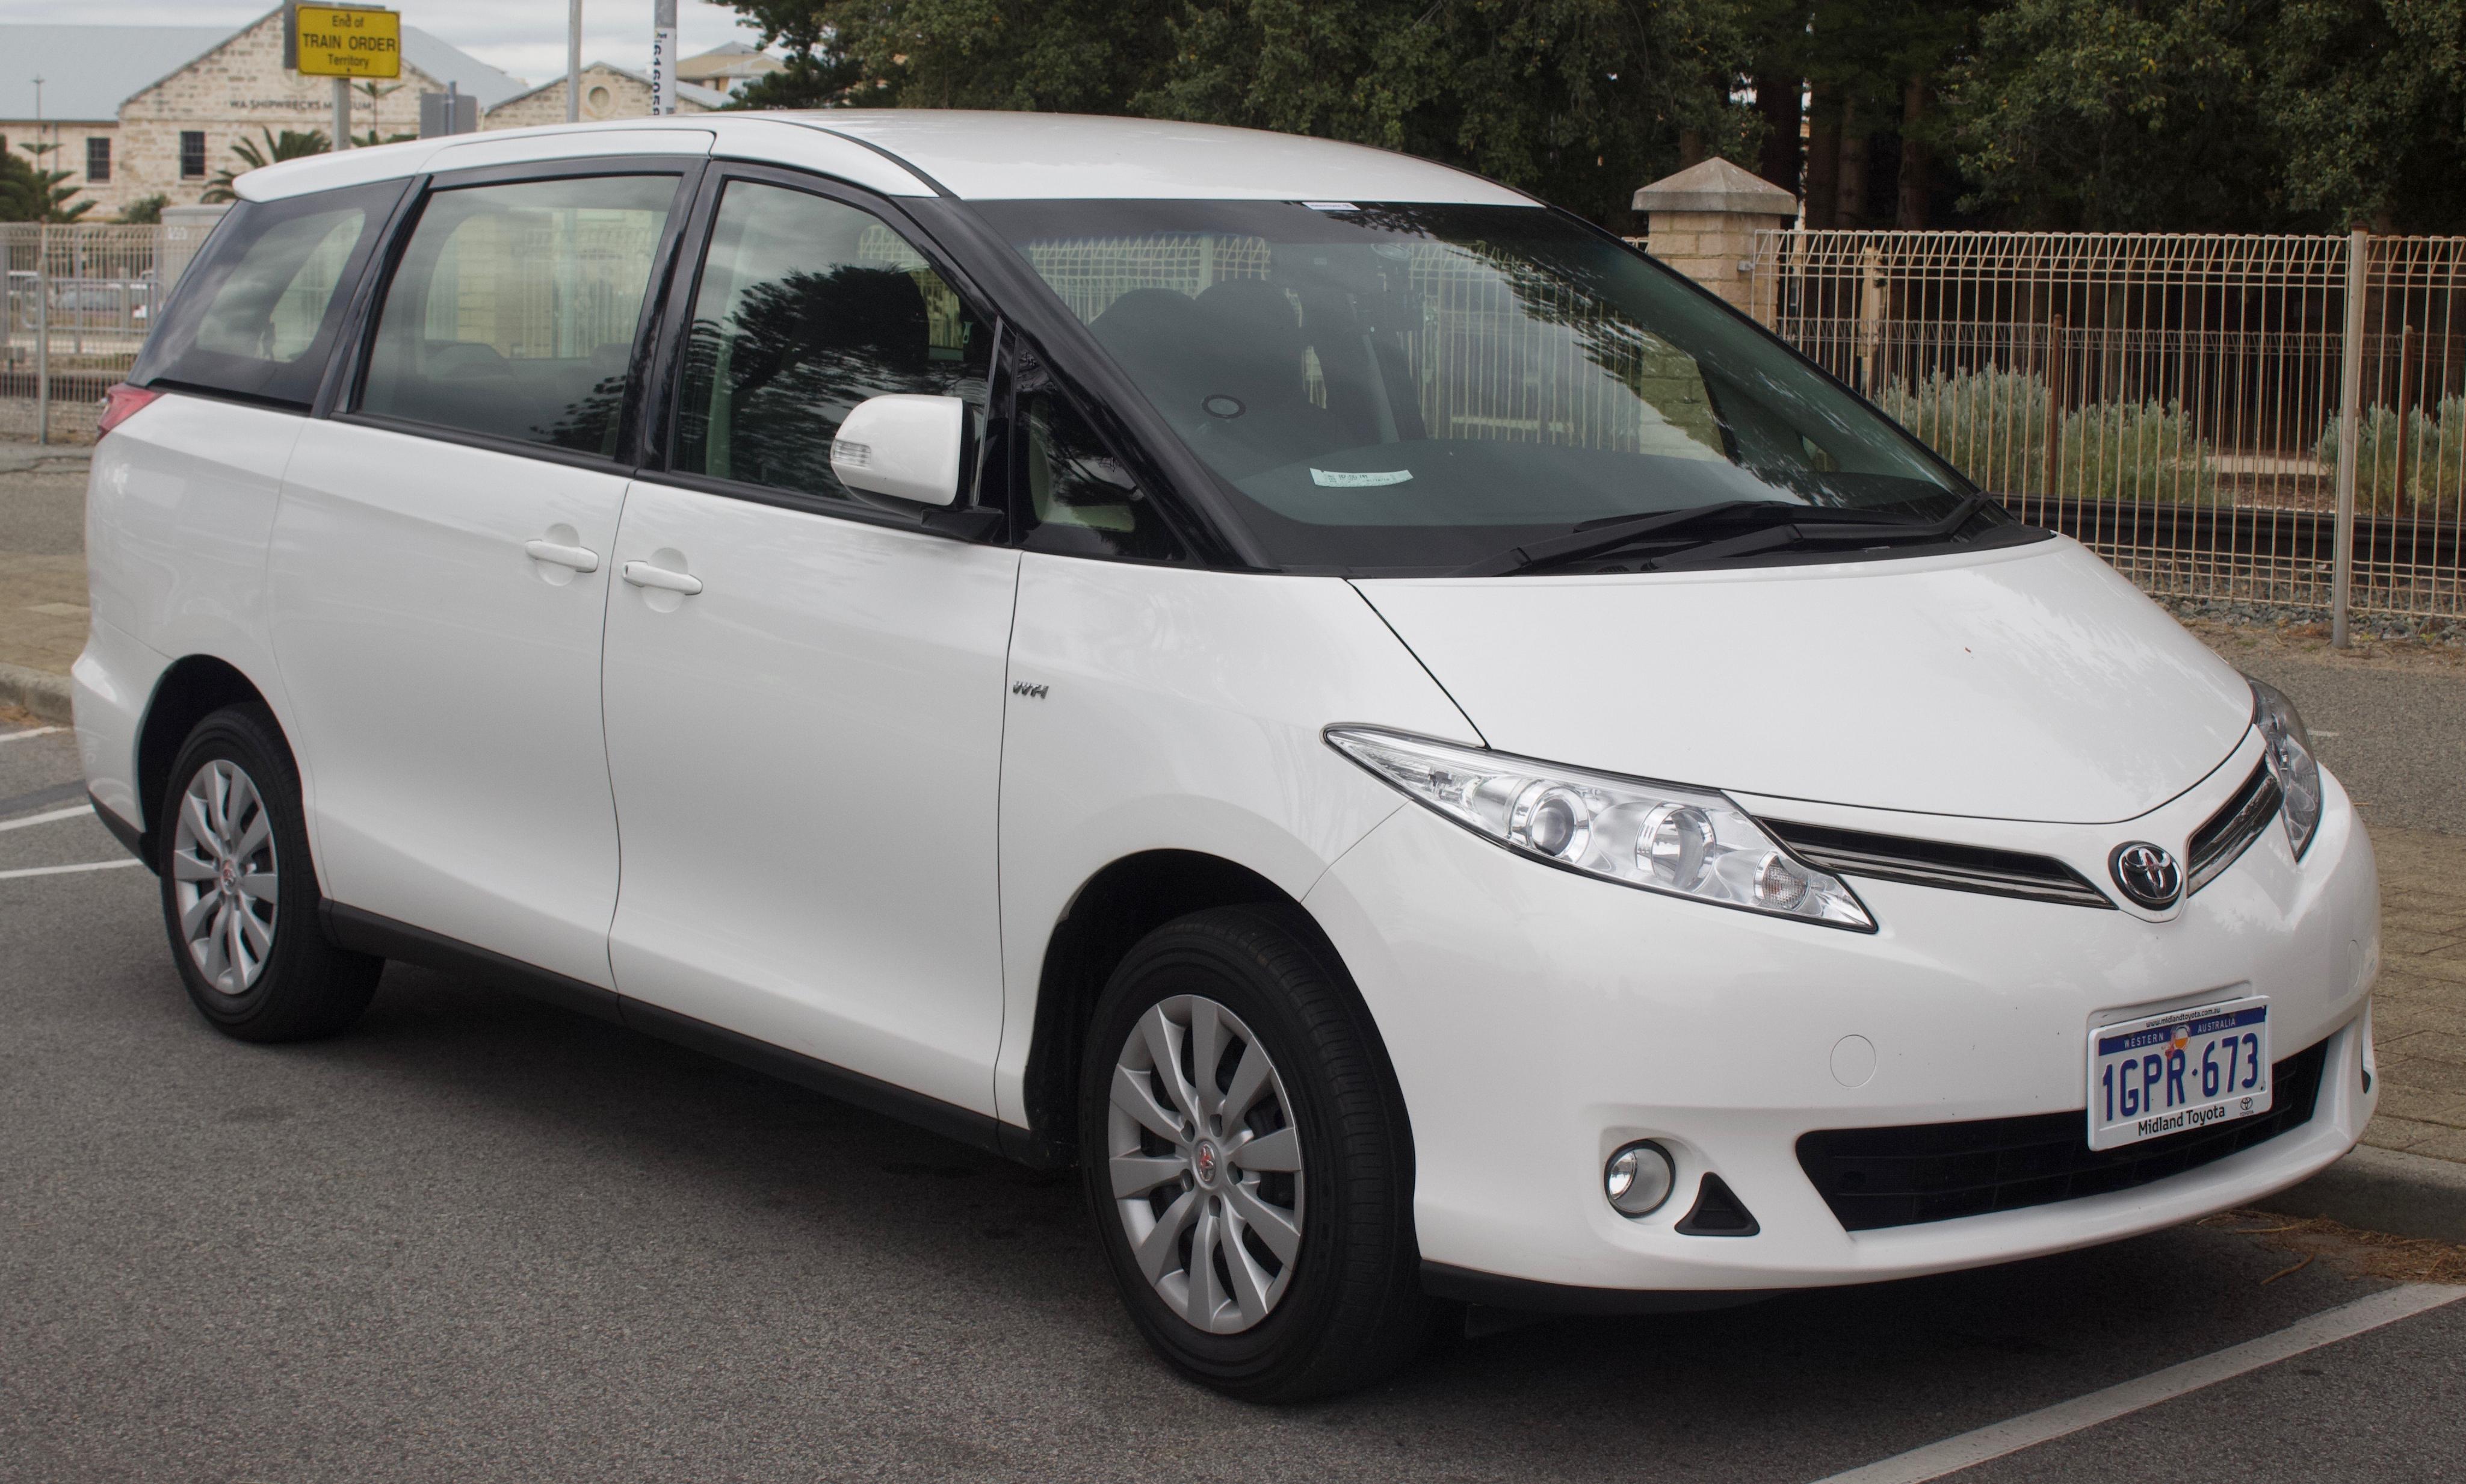 Toyota Of Midland >> Tiedosto 2015 Toyota Tarago Gsr50r Gli Van 2018 10 01 01